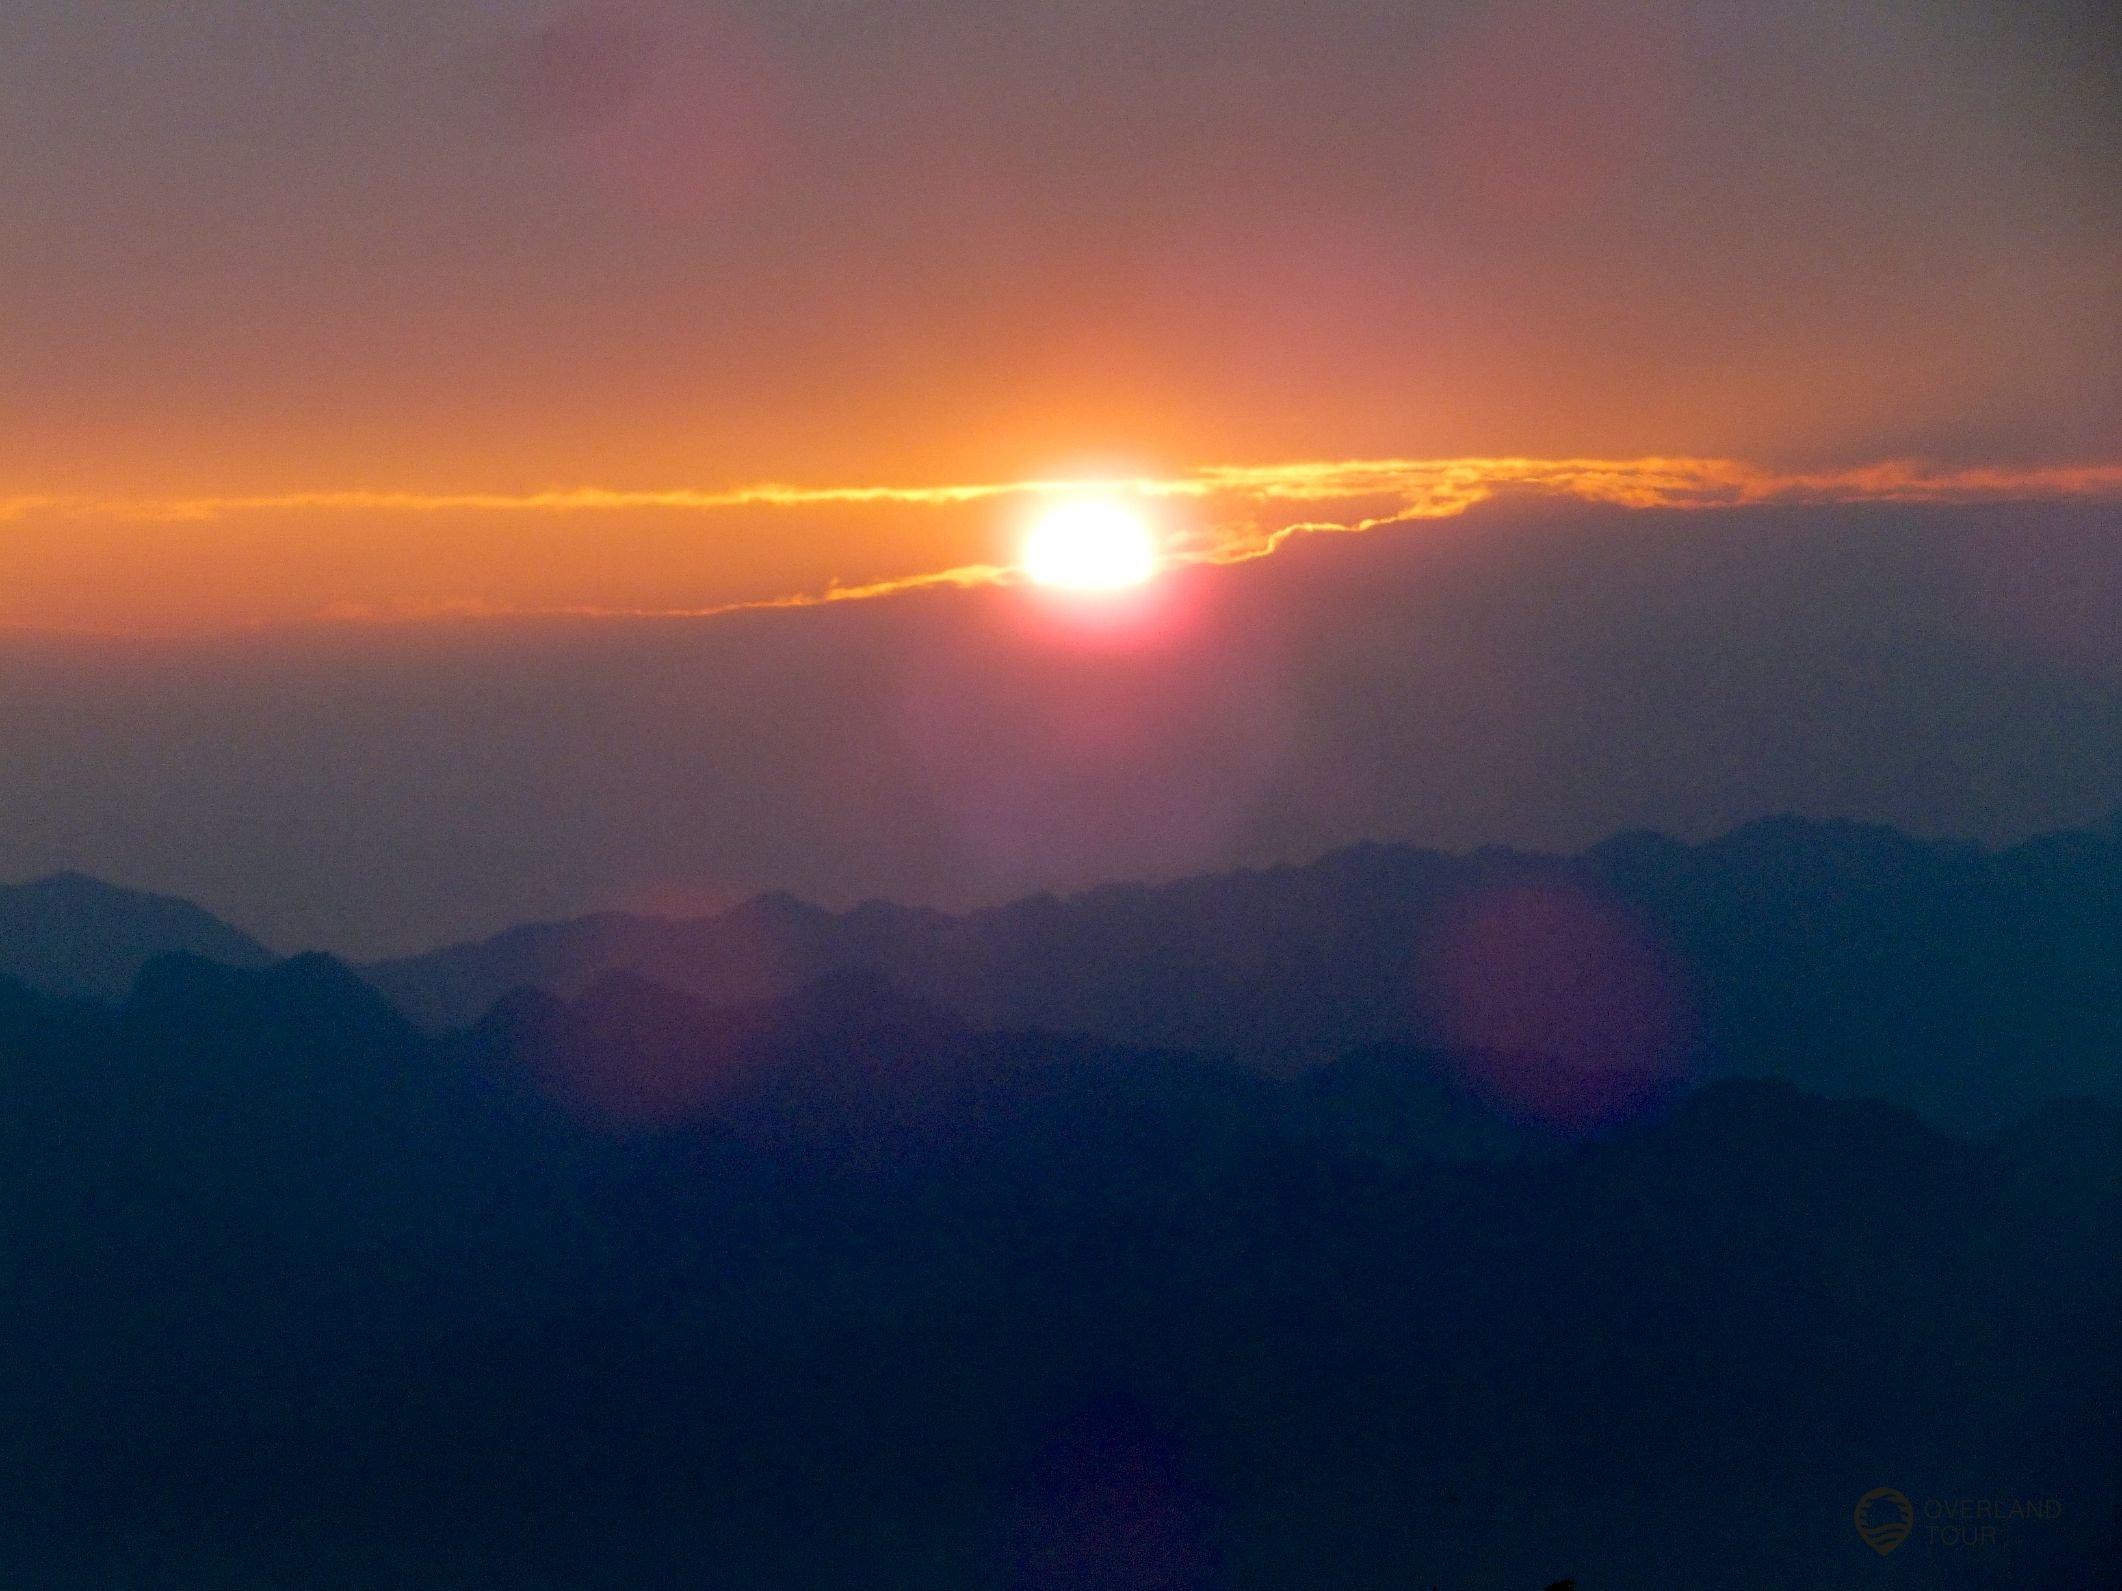 Der Sonnenuntergang in den Bergen